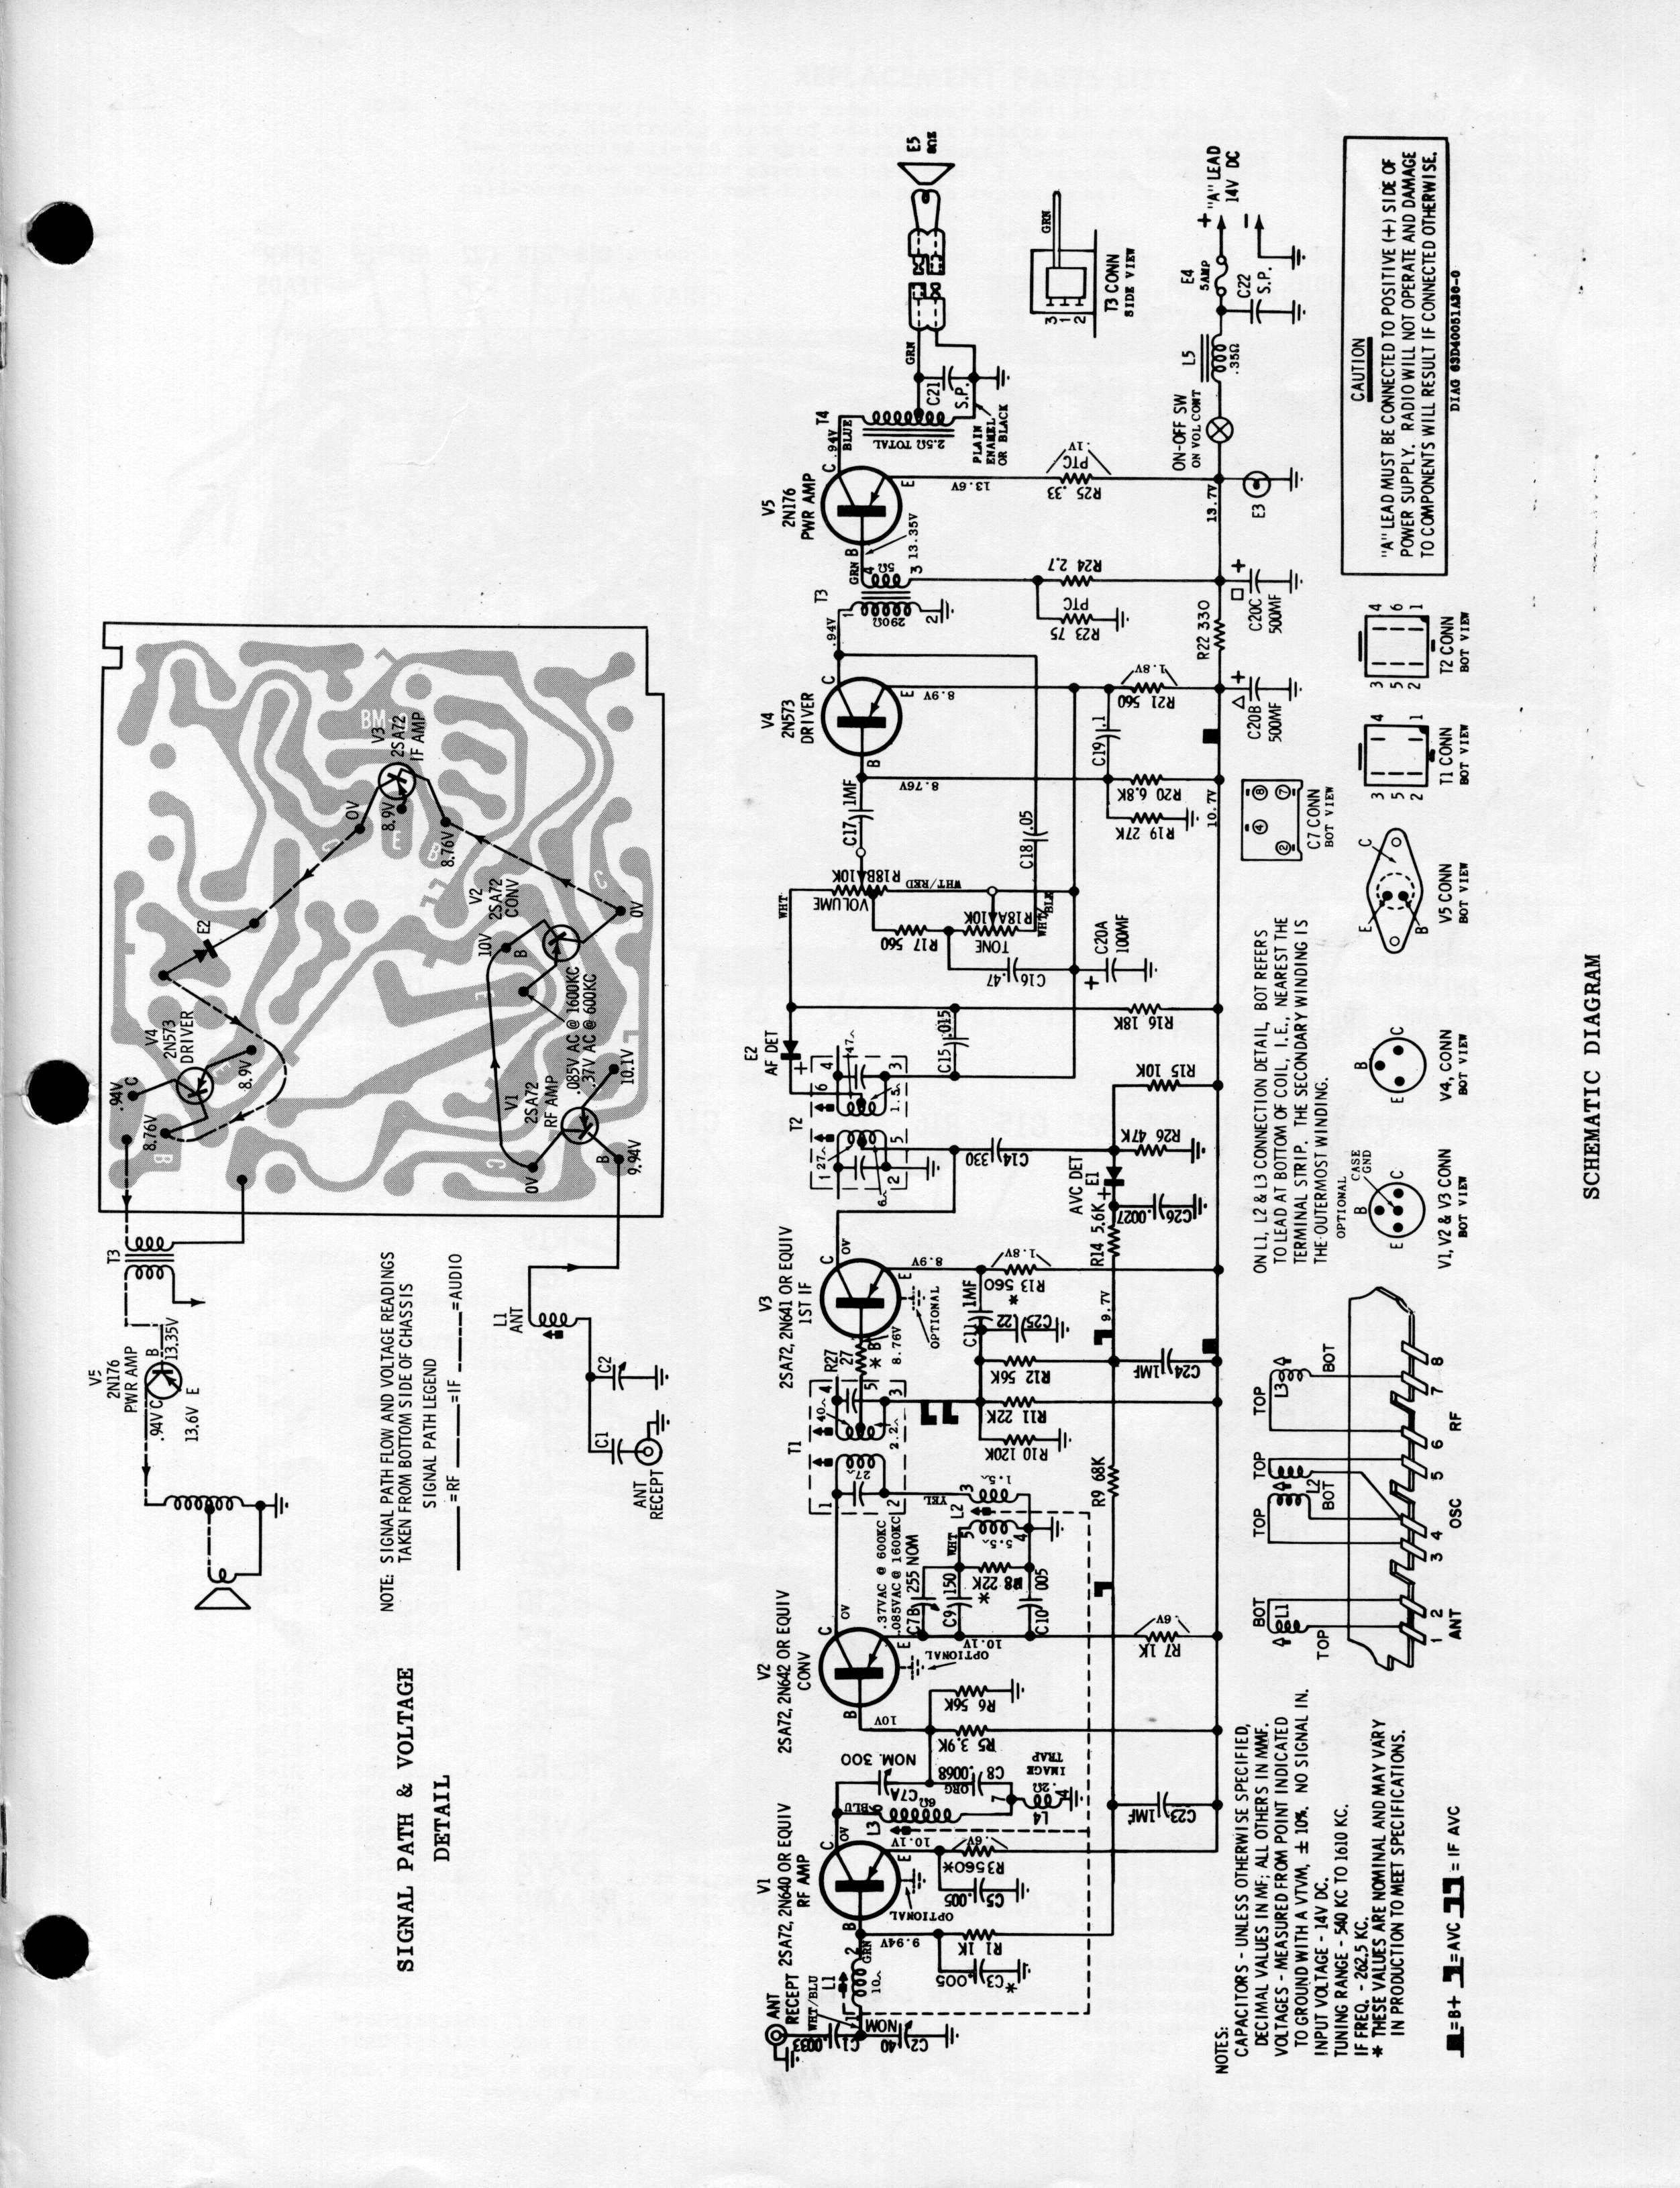 Download free software Generac Exl8000 Repair Manual